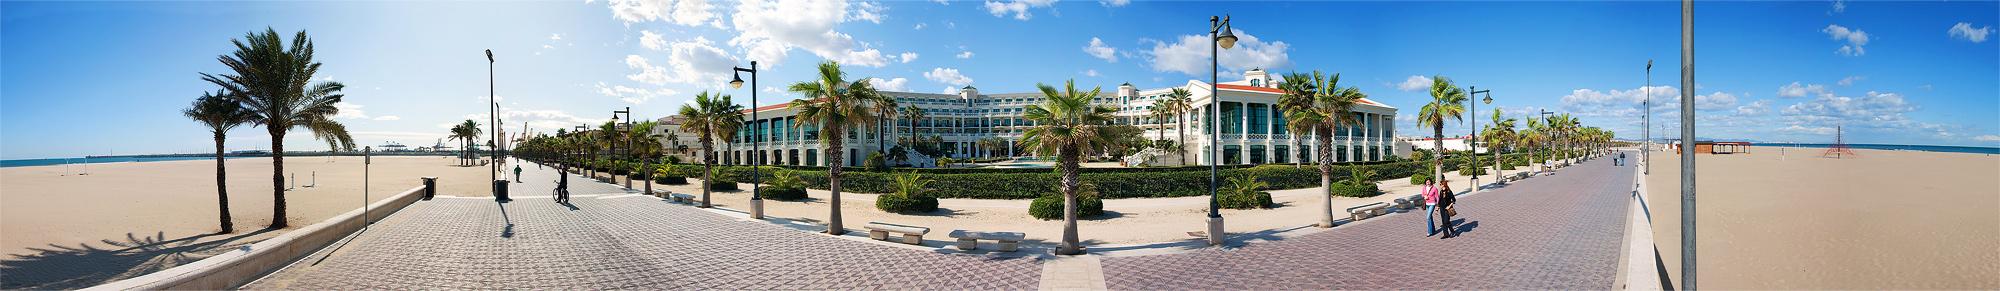 Mein Hotel in Valencia